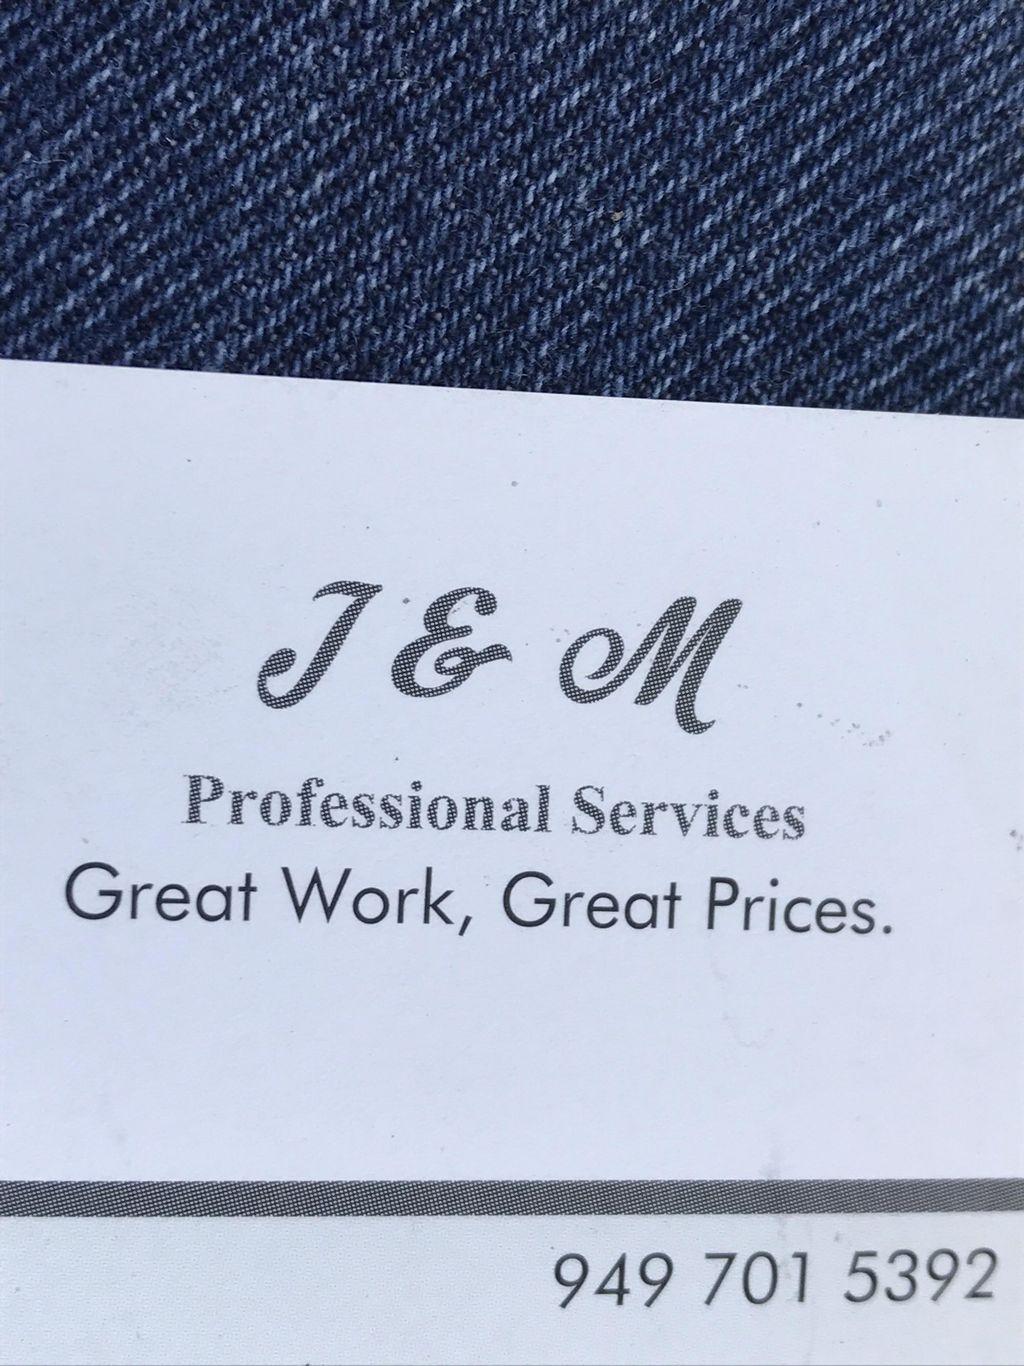 J & M Professional Services